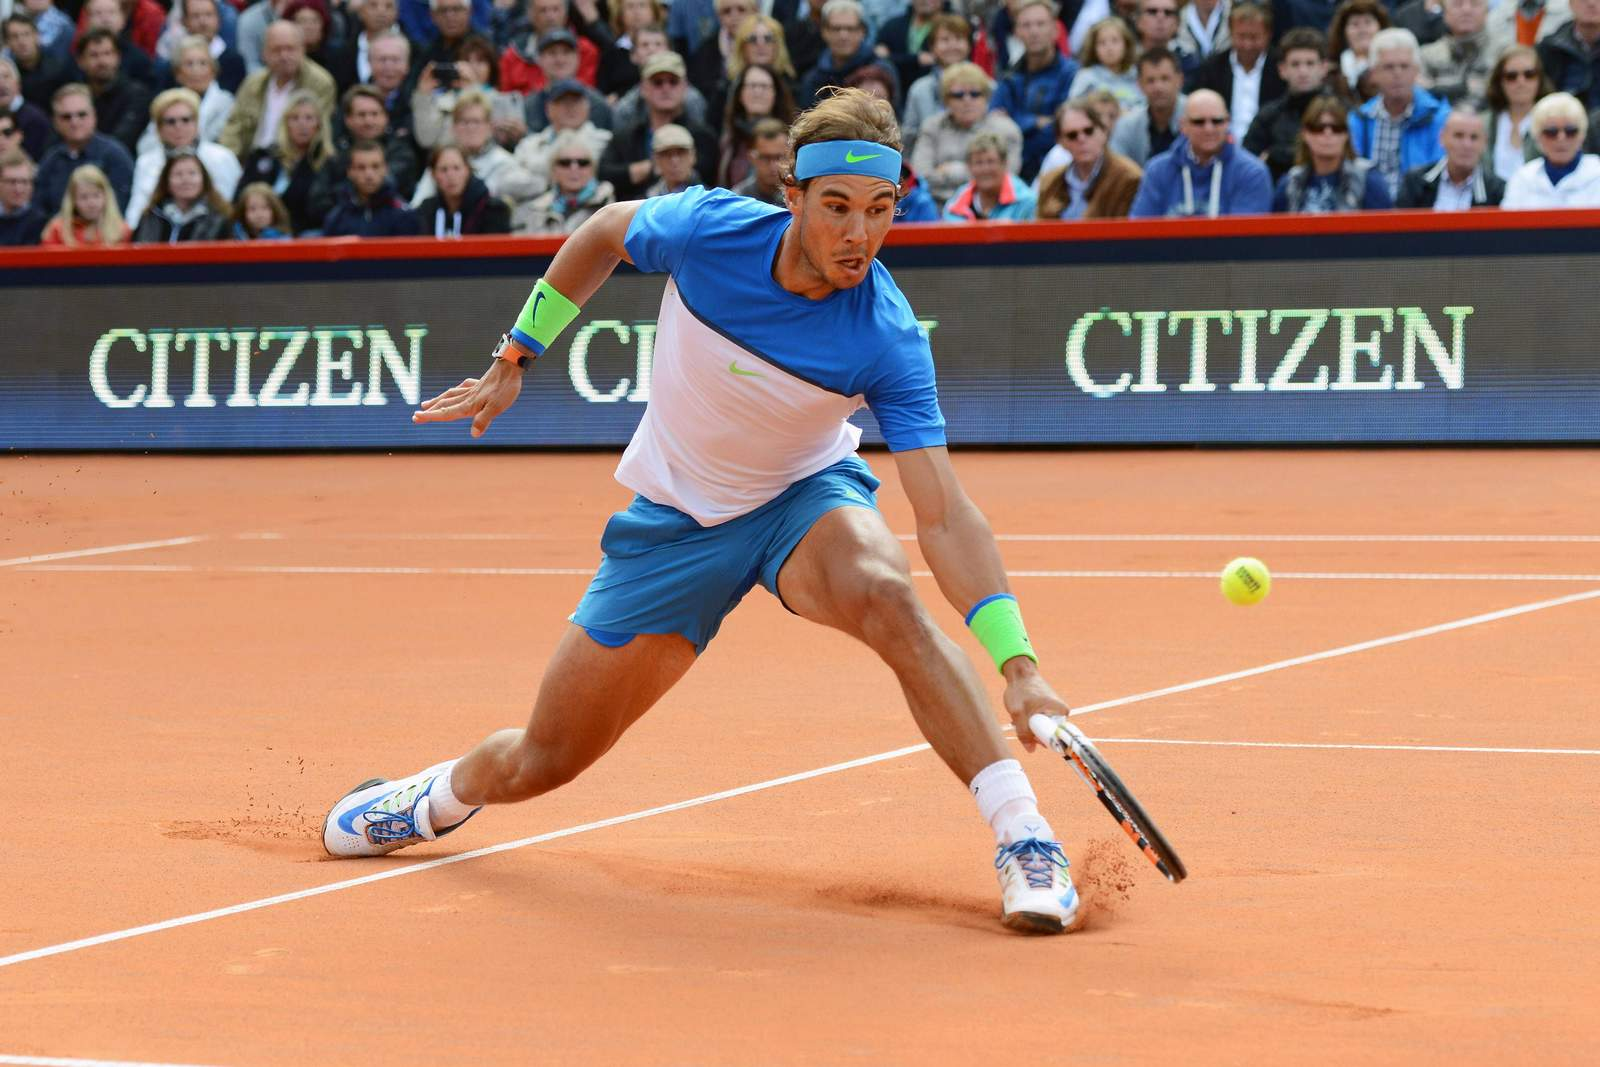 Rafael Nadal. Jetzt auf die French Open wetten